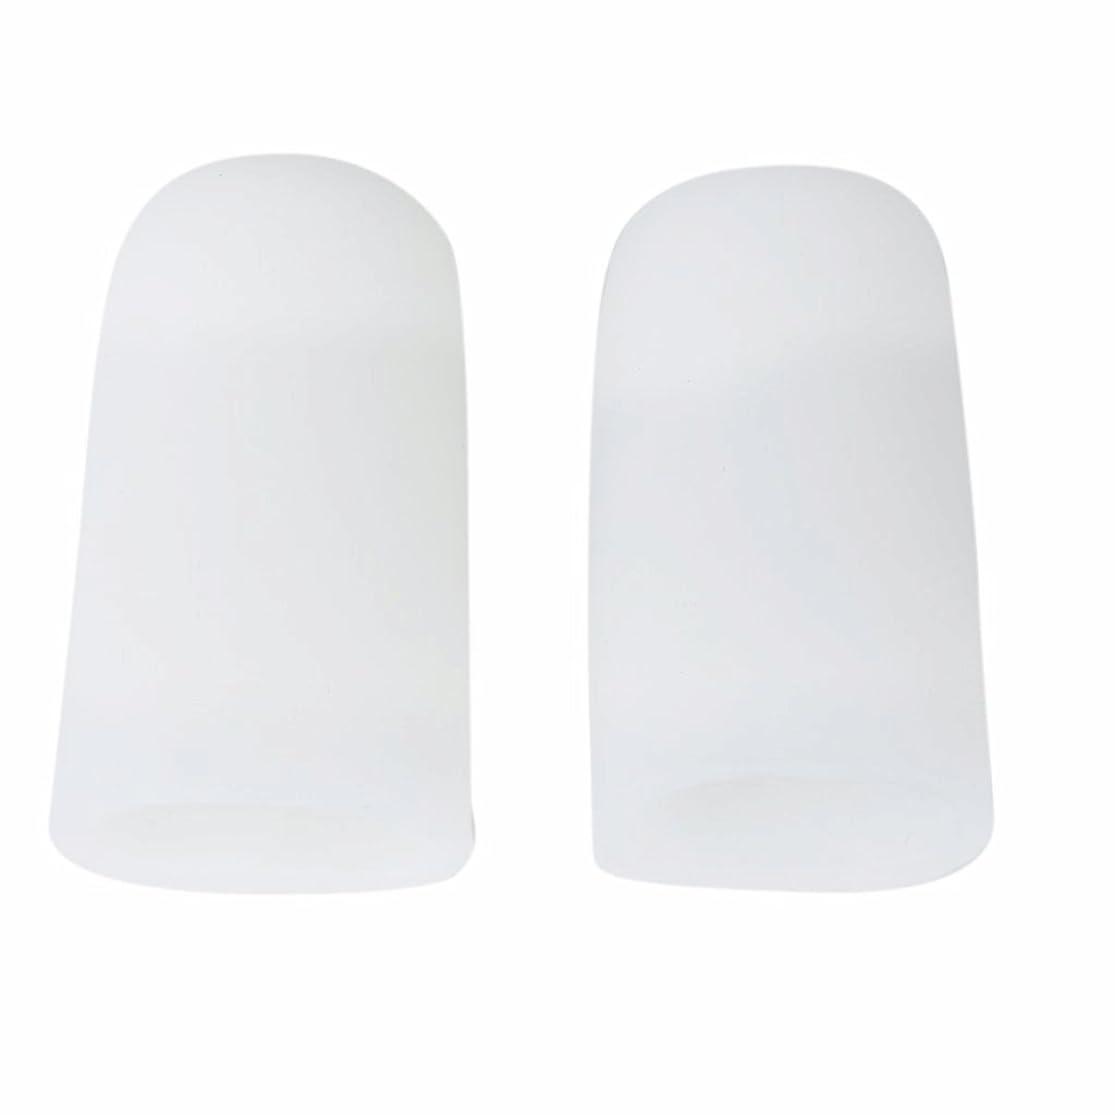 複製する喜び帳面AMAA 足指 保護キャップ つま先 プロテクター 足先のつめ 保護キャップ シリコン S M Lサイズ 1ペア (M)